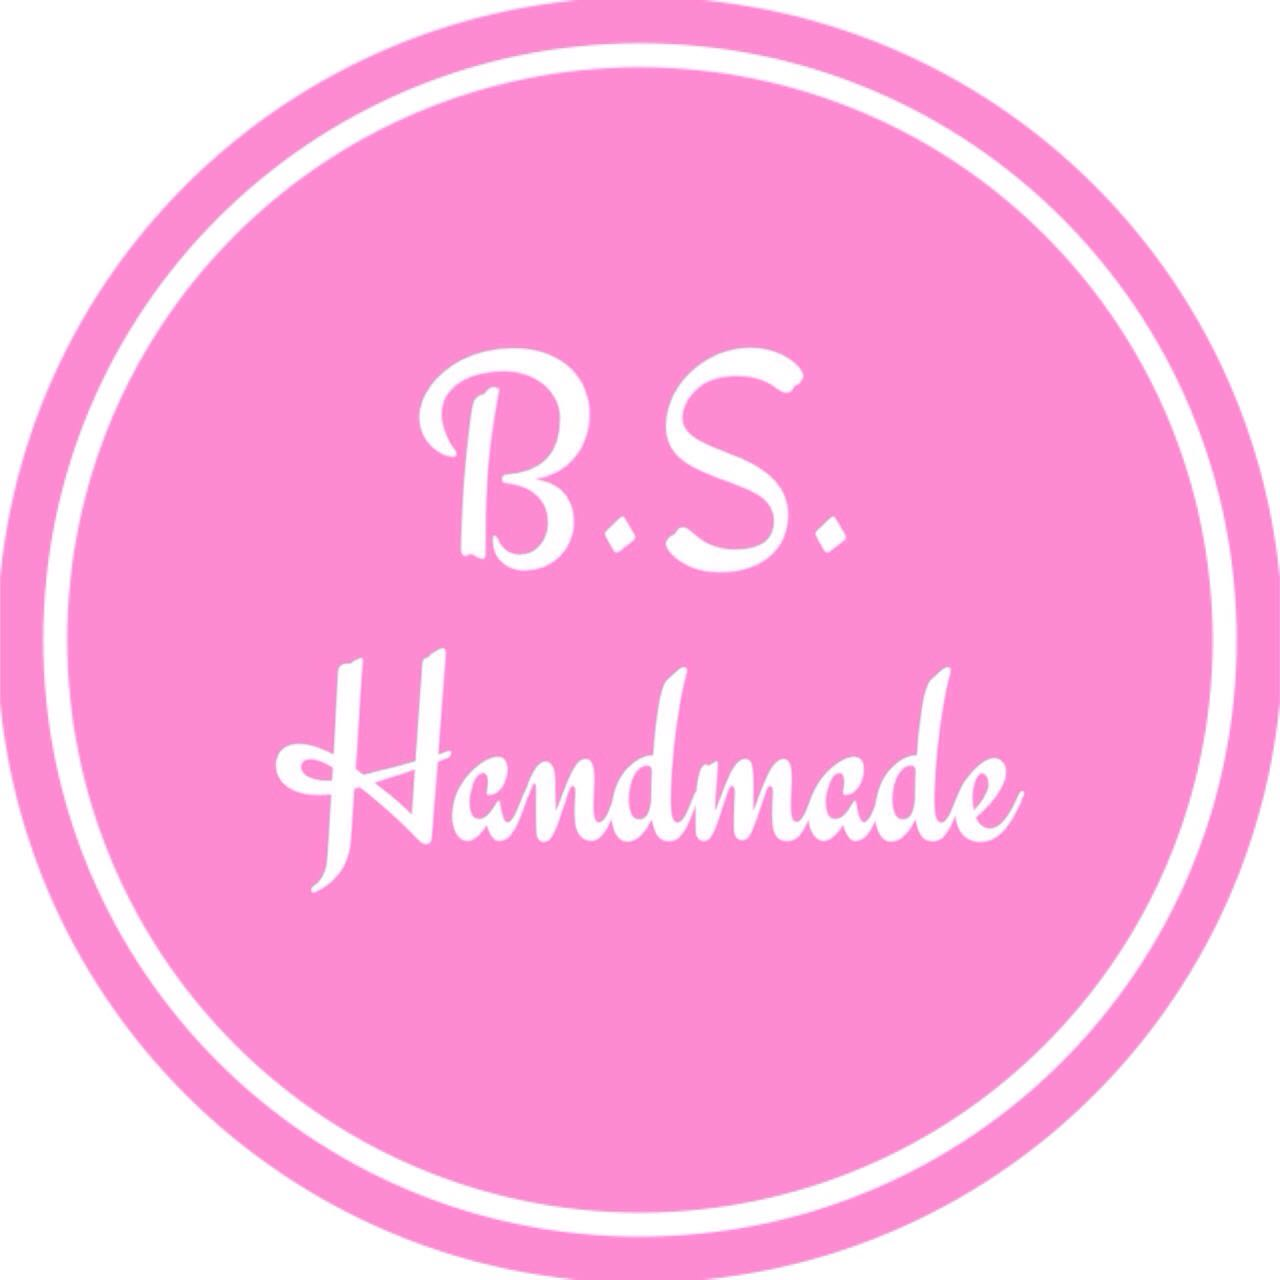 b.s.handmade